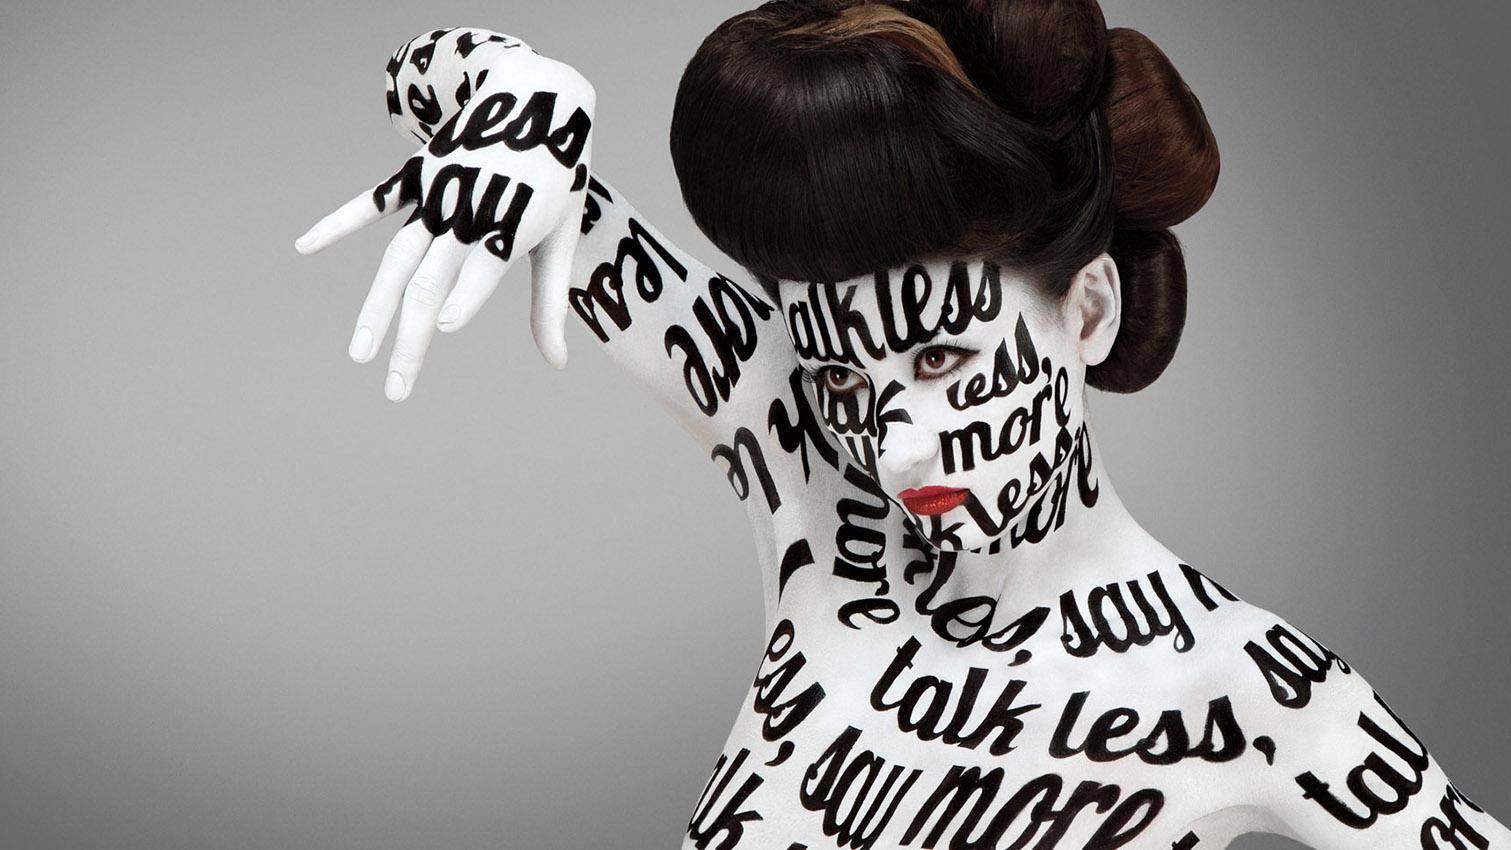 Stefan Sagmeister art director